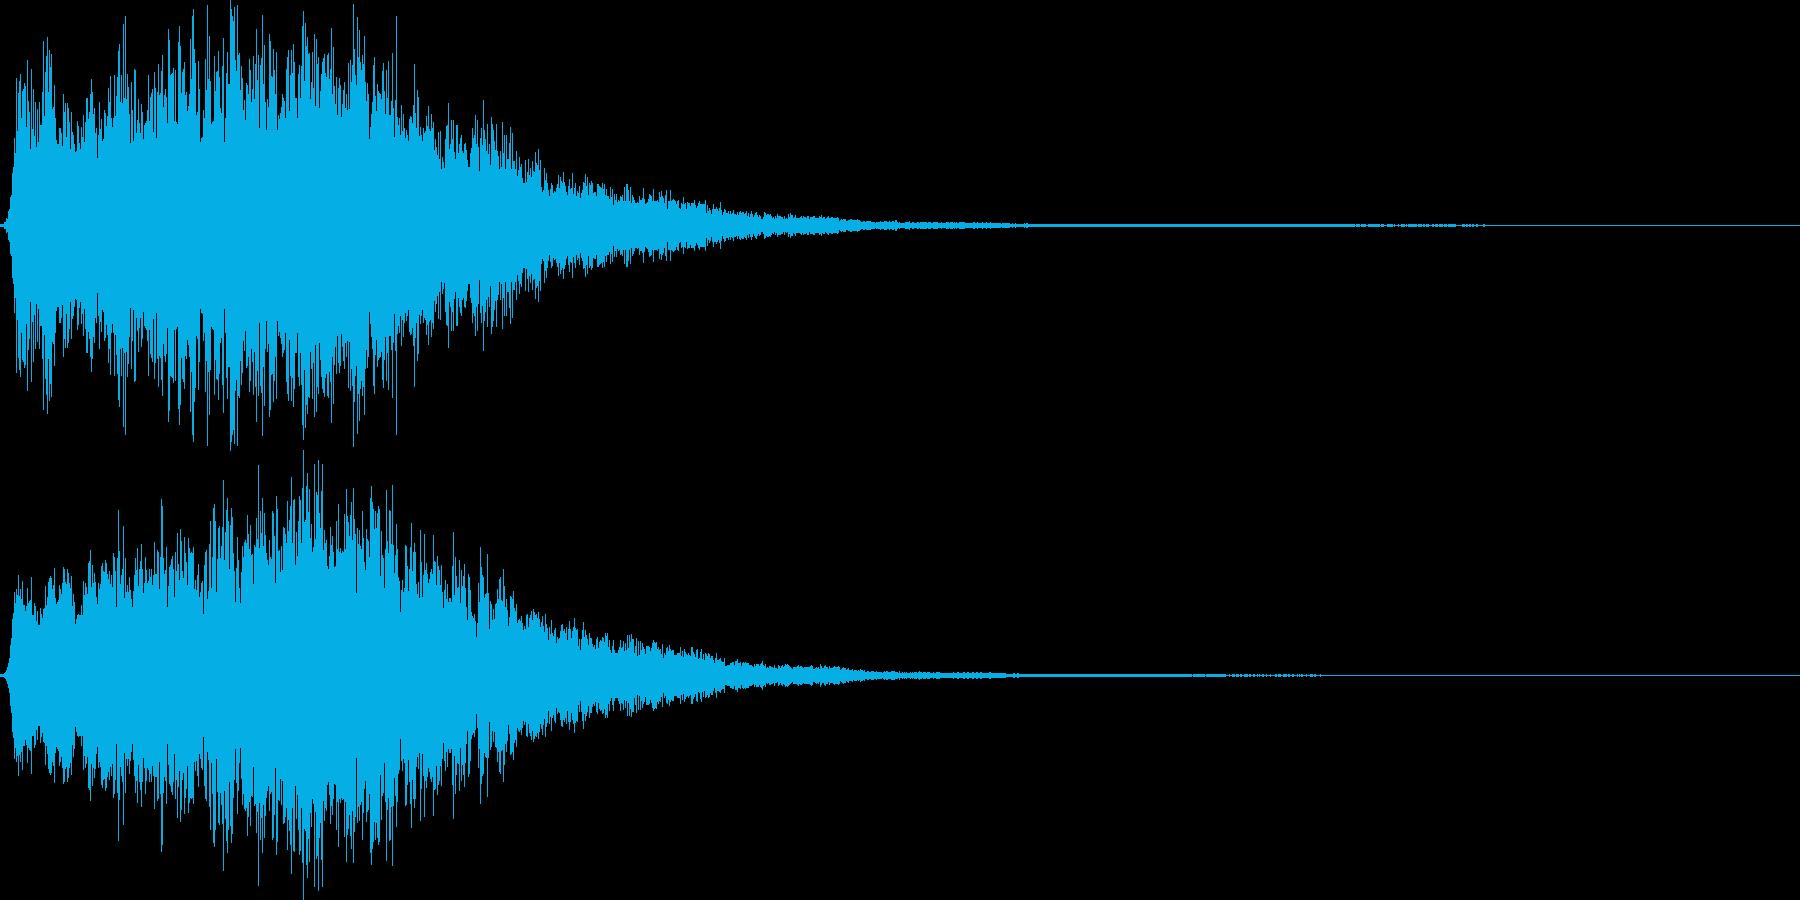 キュゥ。恐怖・悪寒の音B(下降)の再生済みの波形